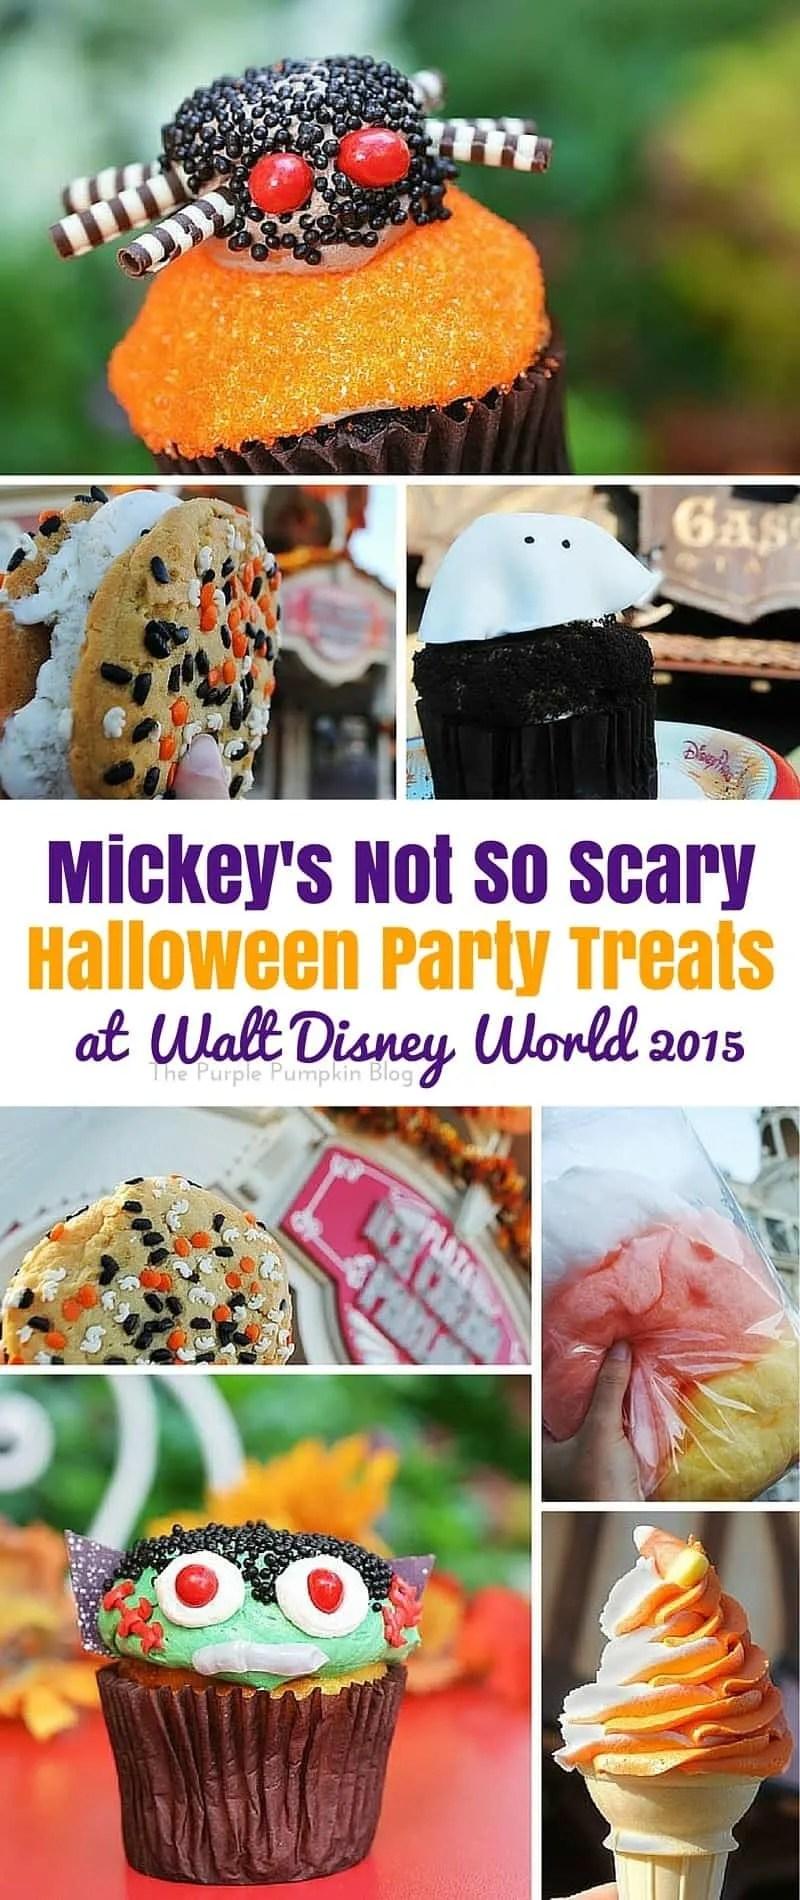 Mickey's Not So Scary Halloween Party Treats at Walt Disney World 2015